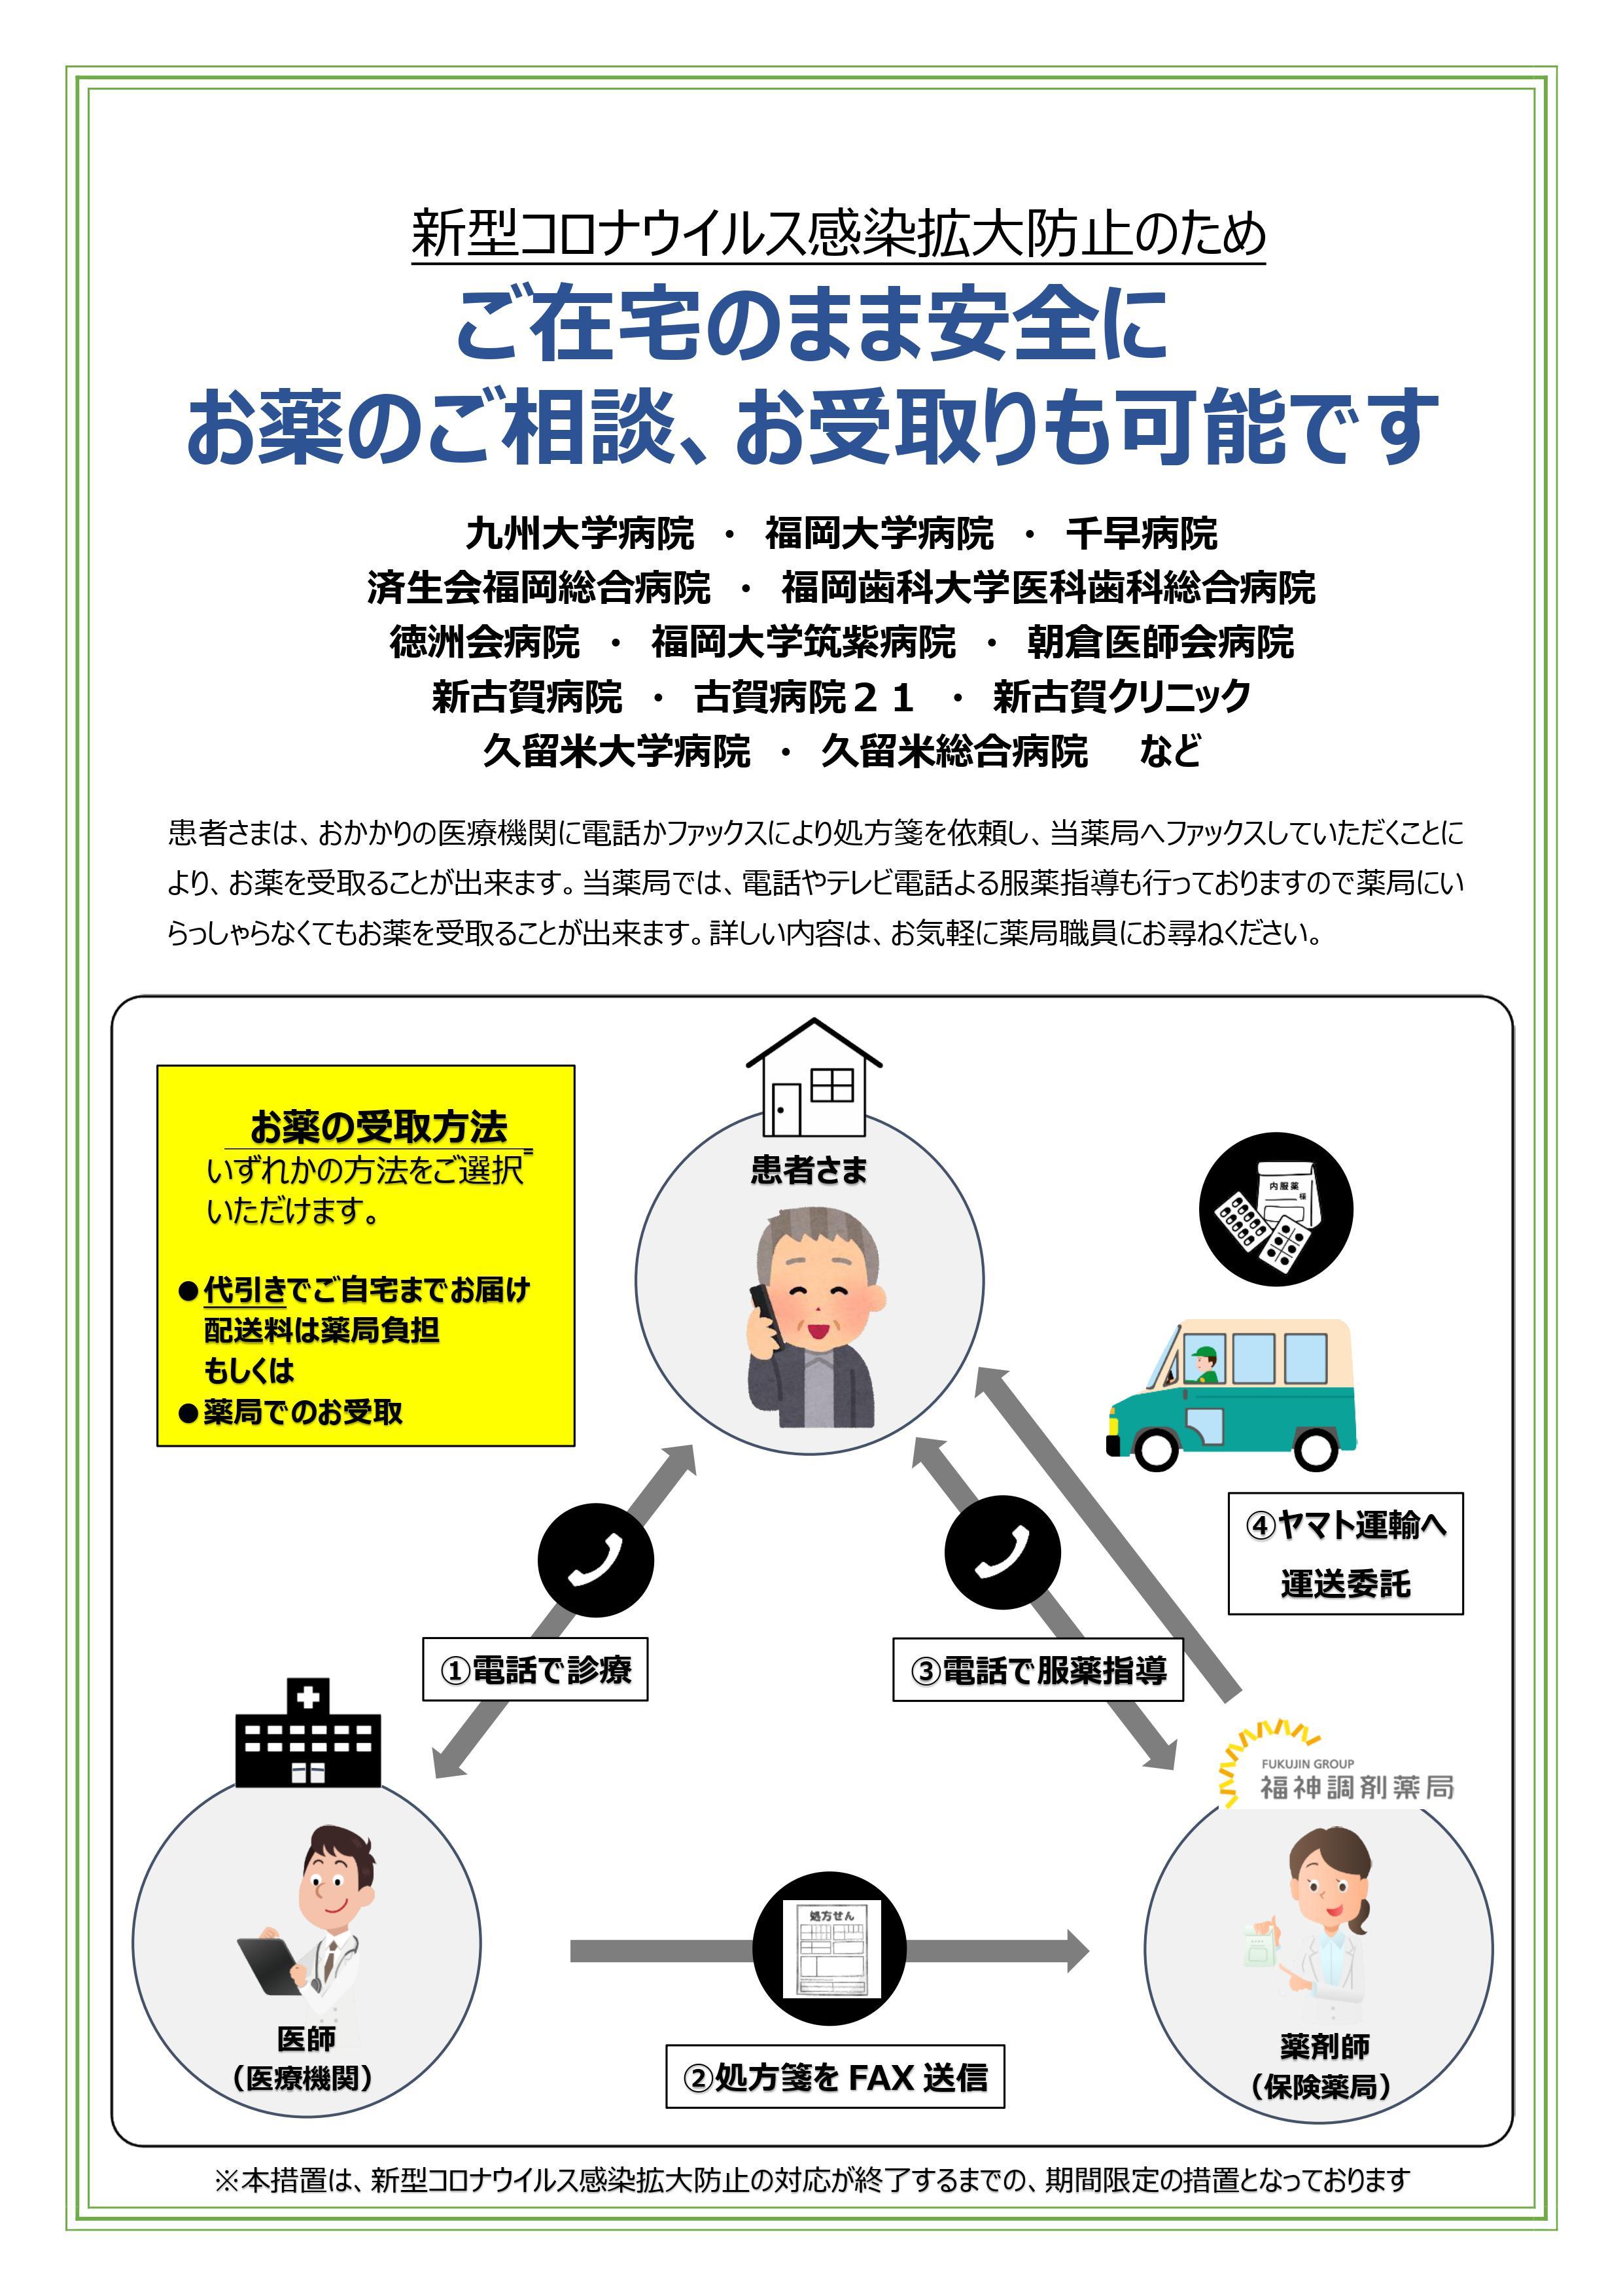 病院 コロナ 会 徳 洲 福岡